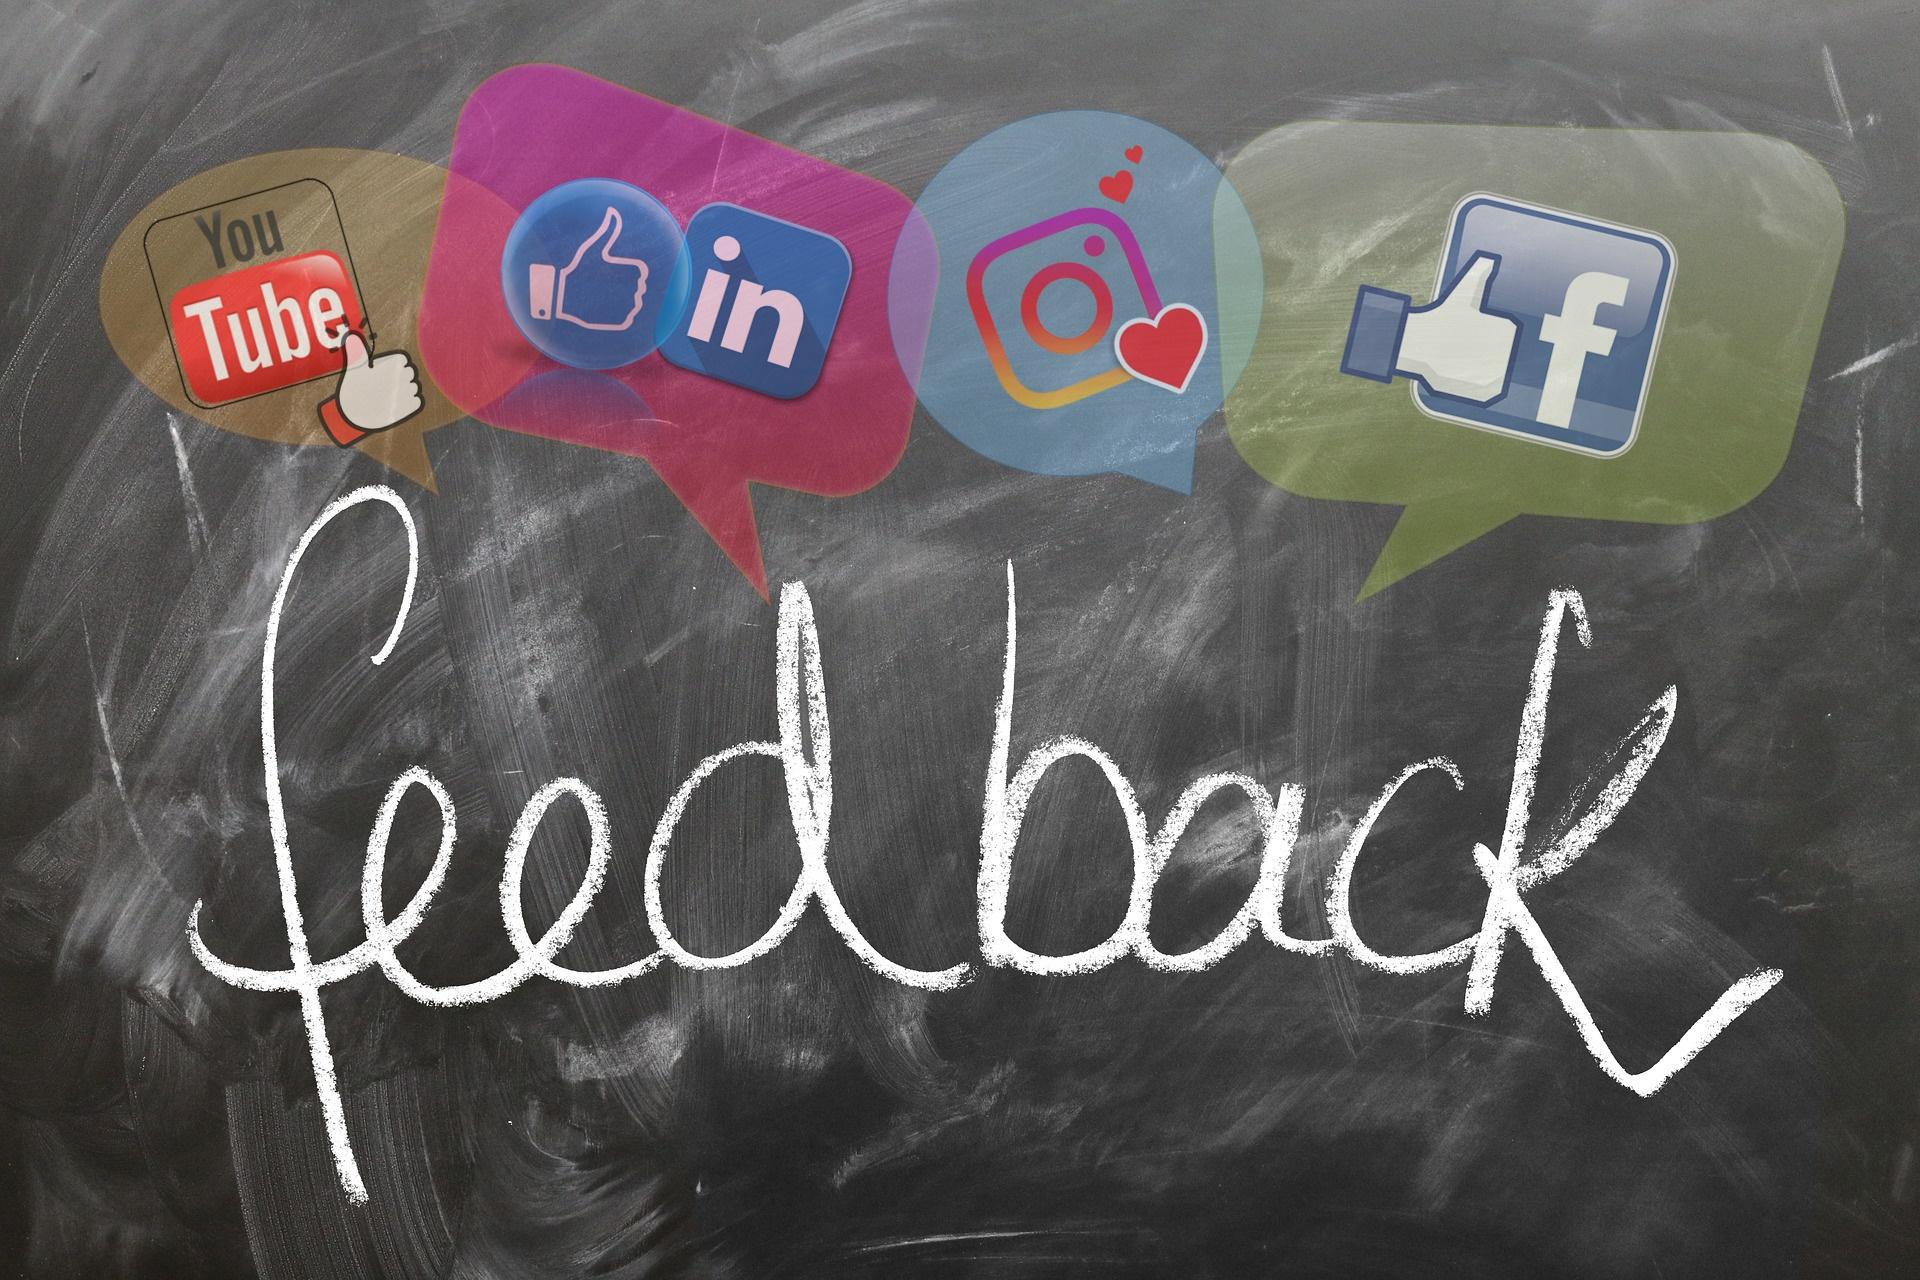 L'importanza dei Social Media nel mondo degli affari.